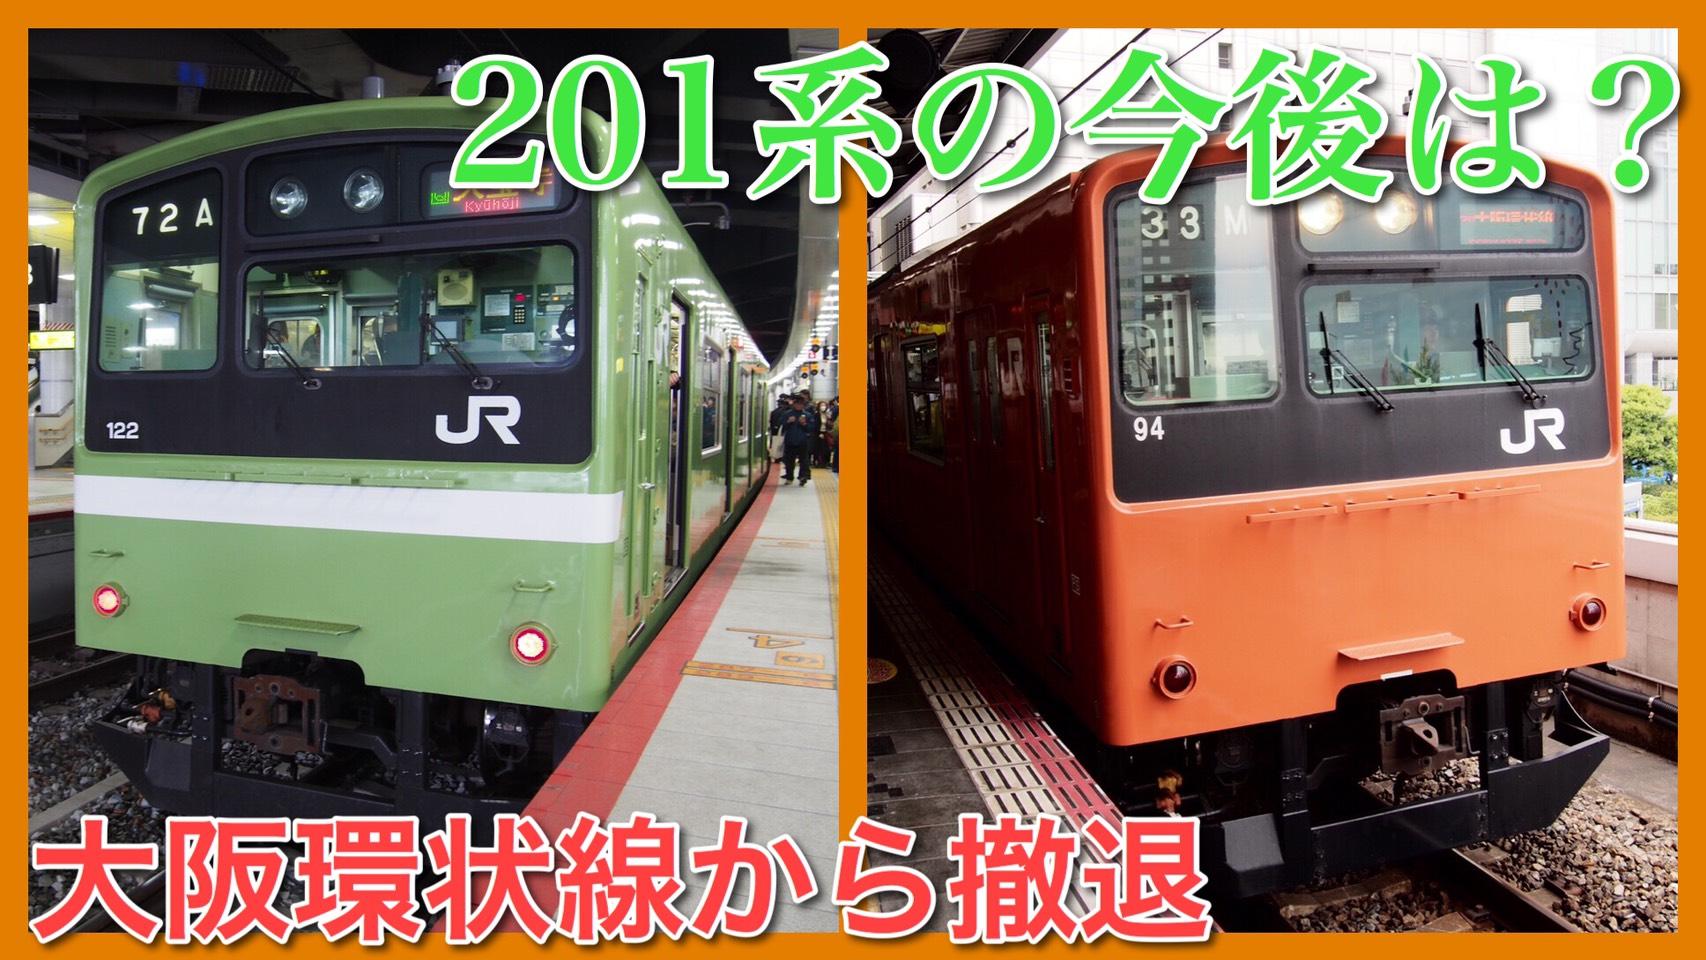 オレンジ色の201系が大阪環状線から撤退!今後の転用・置き換えは ...